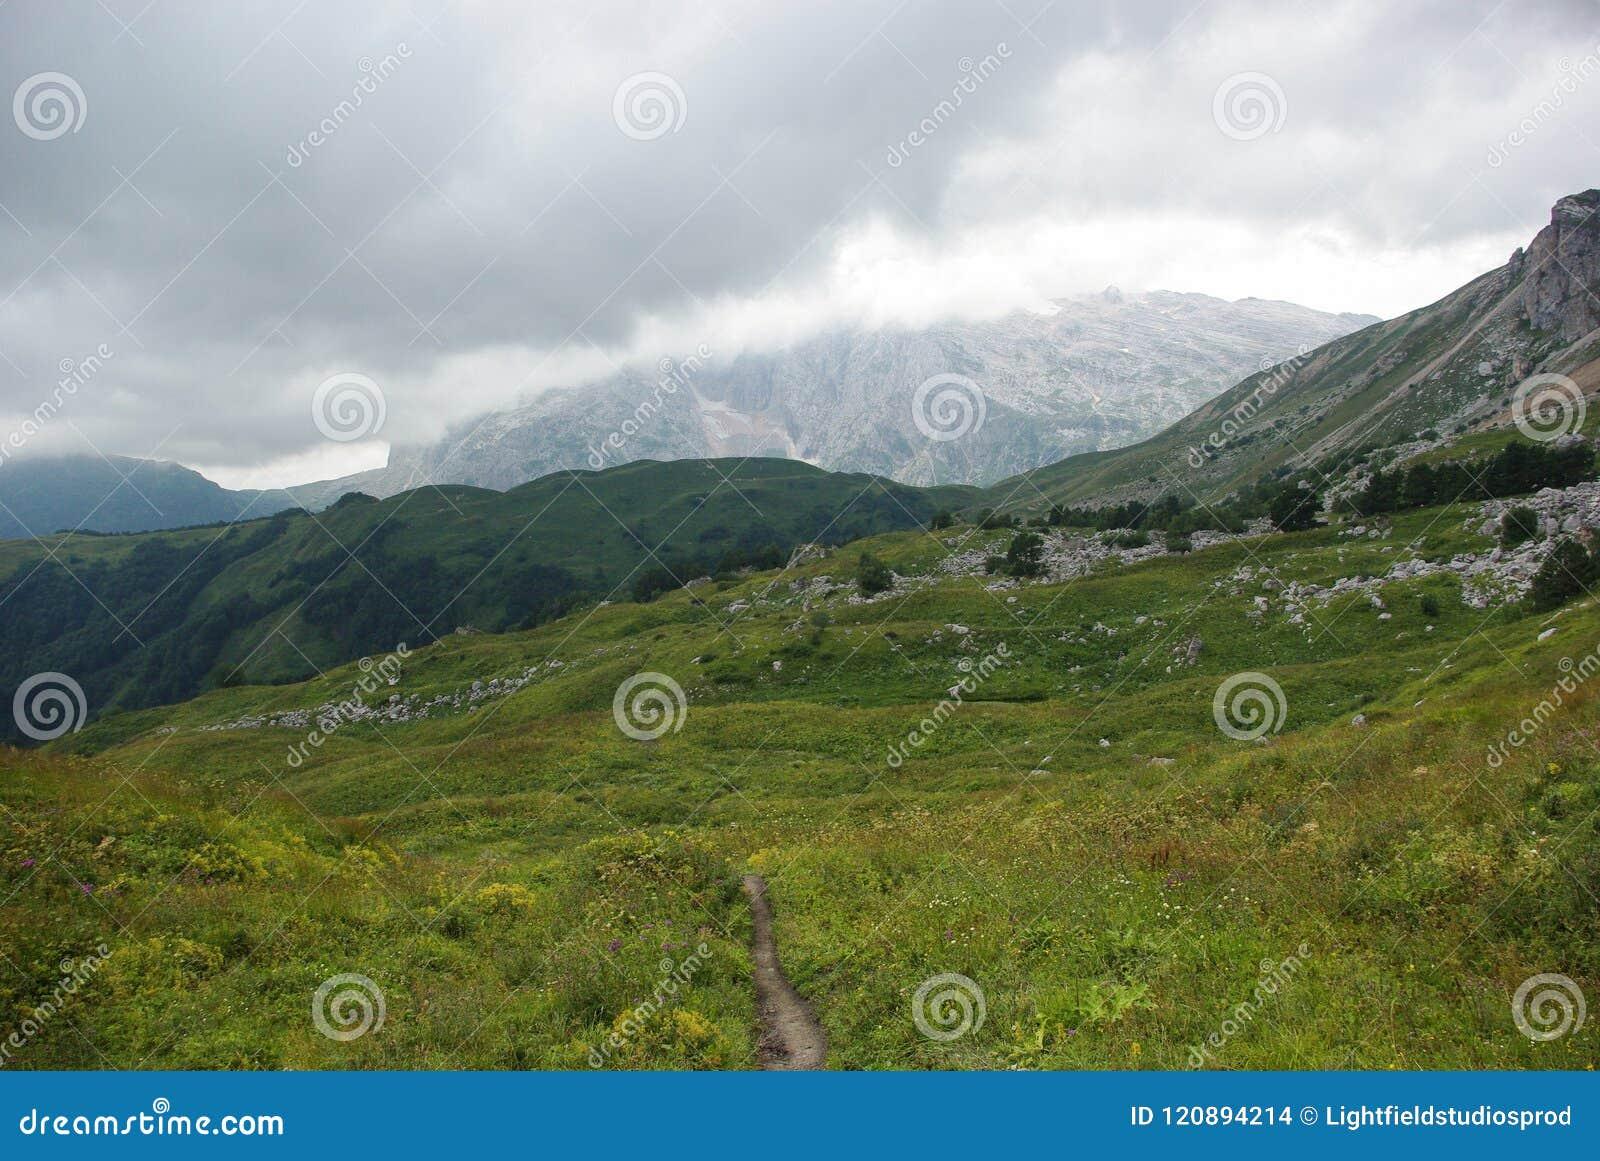 Vista sul percorso e sulla valle, Federazione Russa, Caucaso,